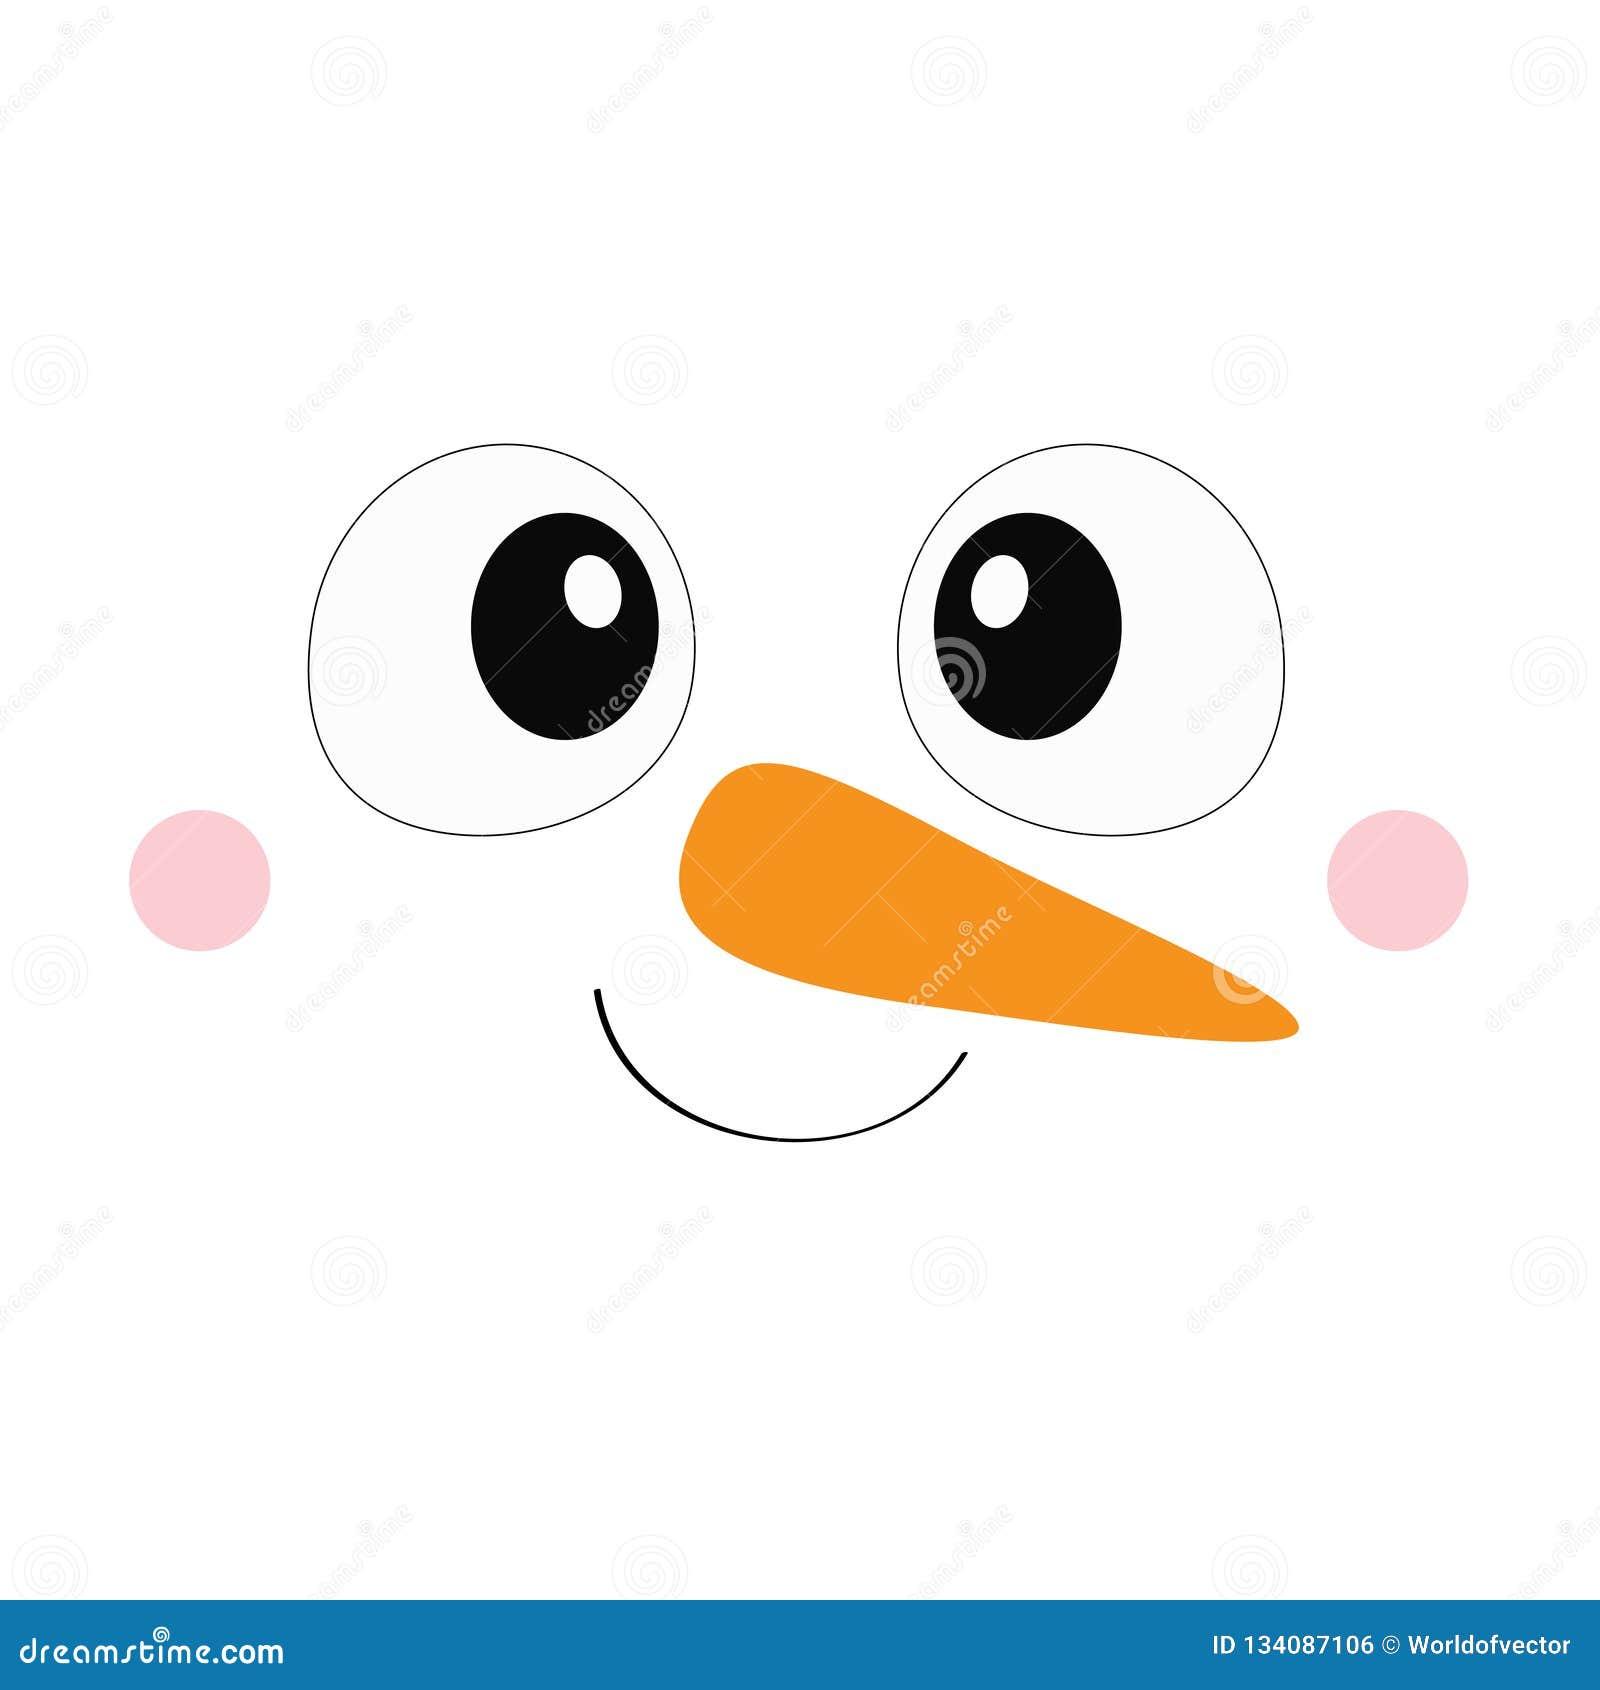 Cara Feliz Del Muñeco De Nieve Ilustraciones Stock Vectores Y Clipart 1 818 Ilustraciones Stock